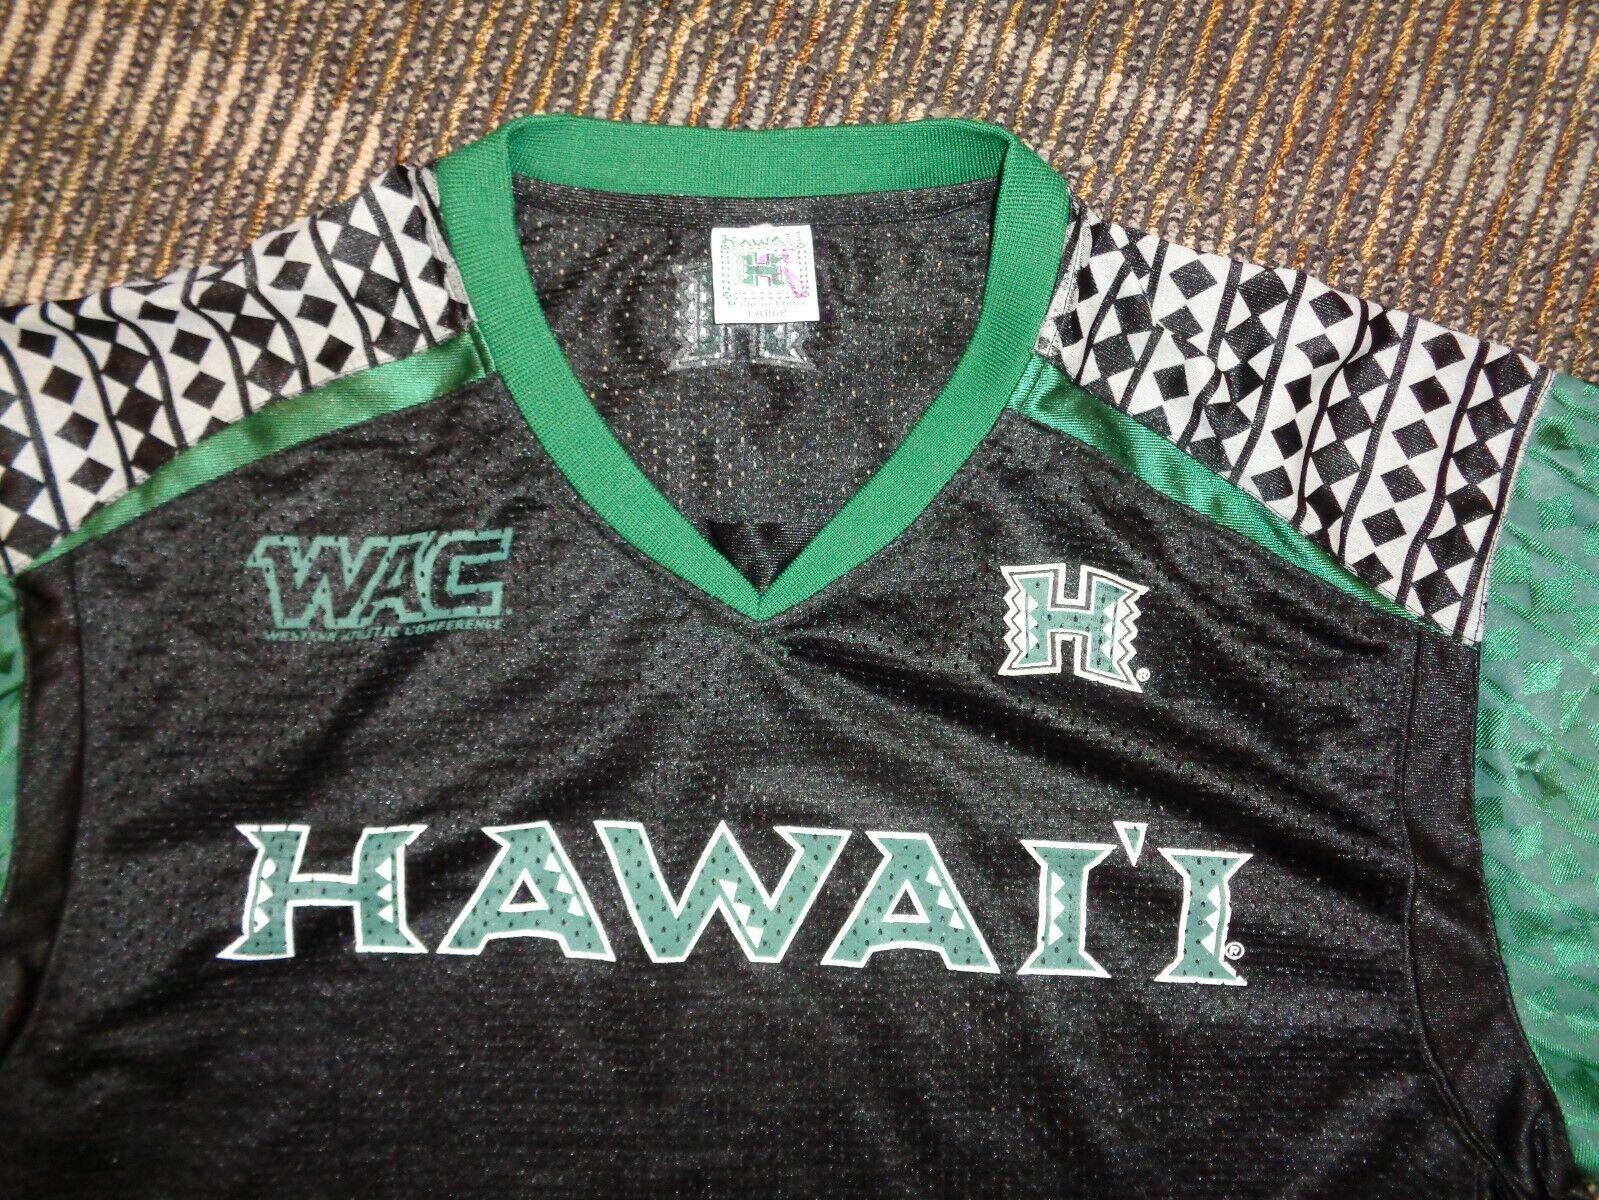 LOT 2-HAWAII RAINBOW WARRIORS NCAA COLLEGE BASKETBALL FOOTBALL GAME JERSEYS SZ M - $49.99